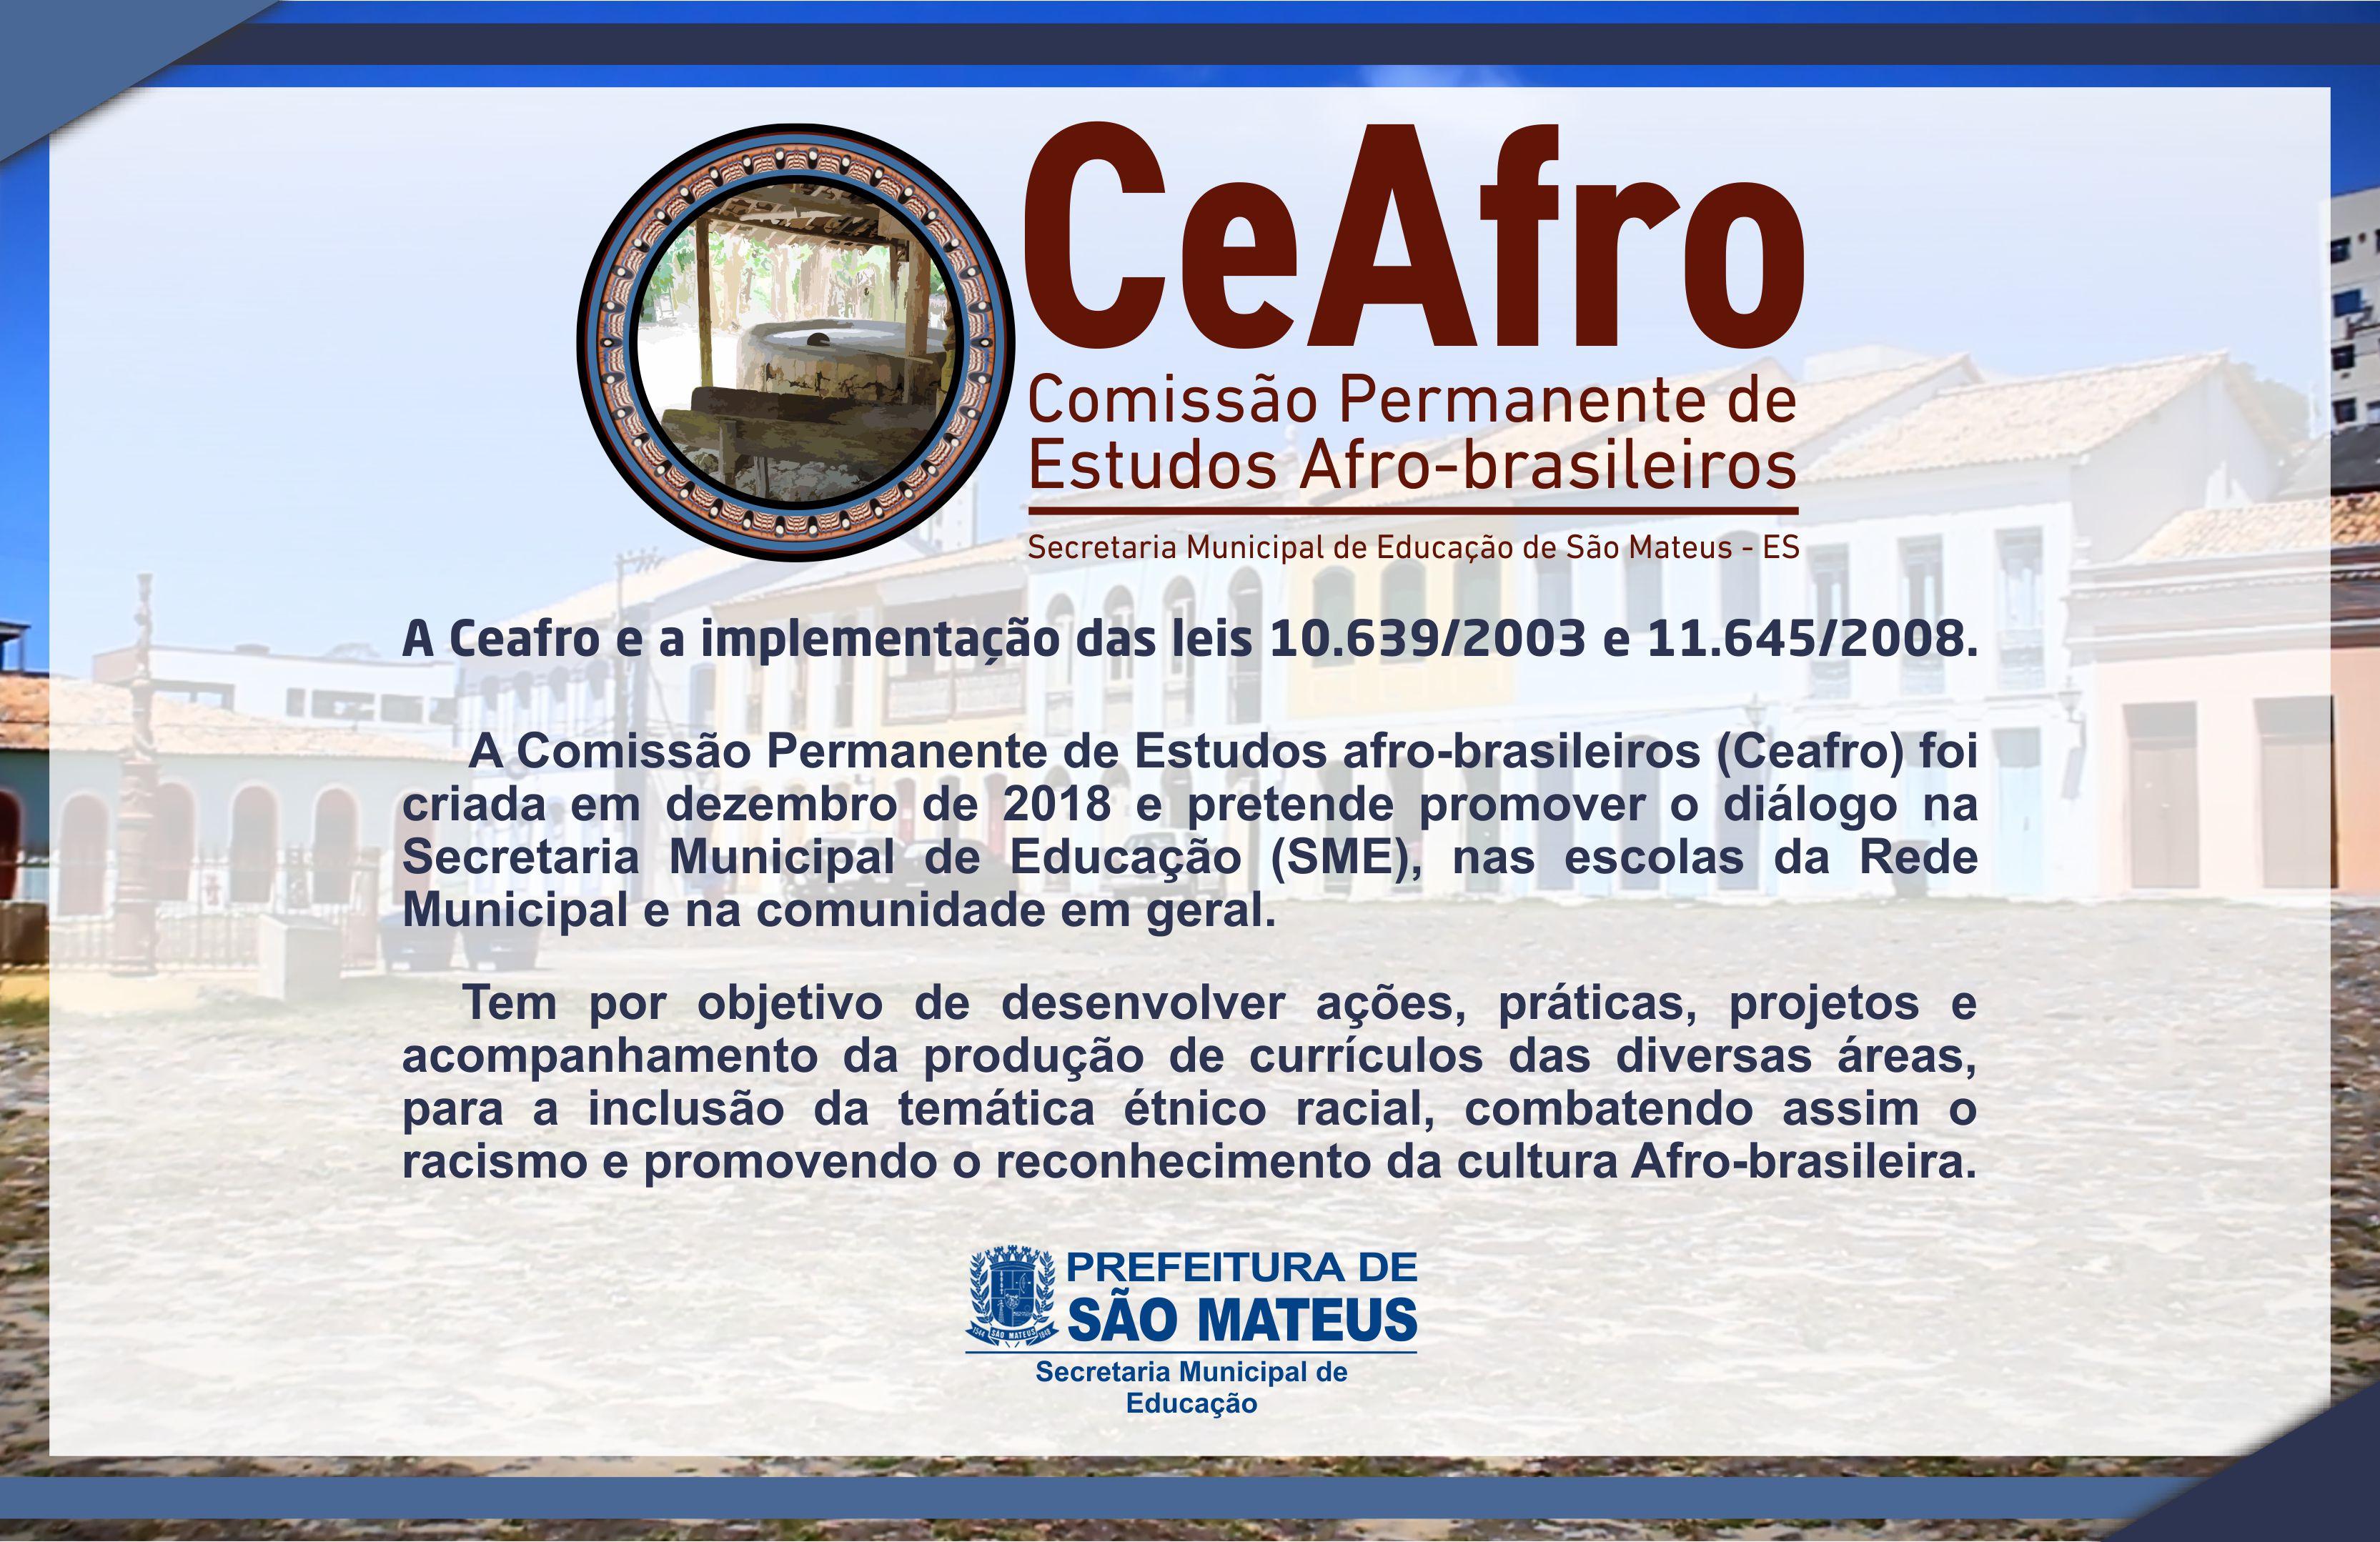 EDUCAÇÃO POSSUI COMISSÃO DE ESTUDOS AFRO-BRASILEIROS